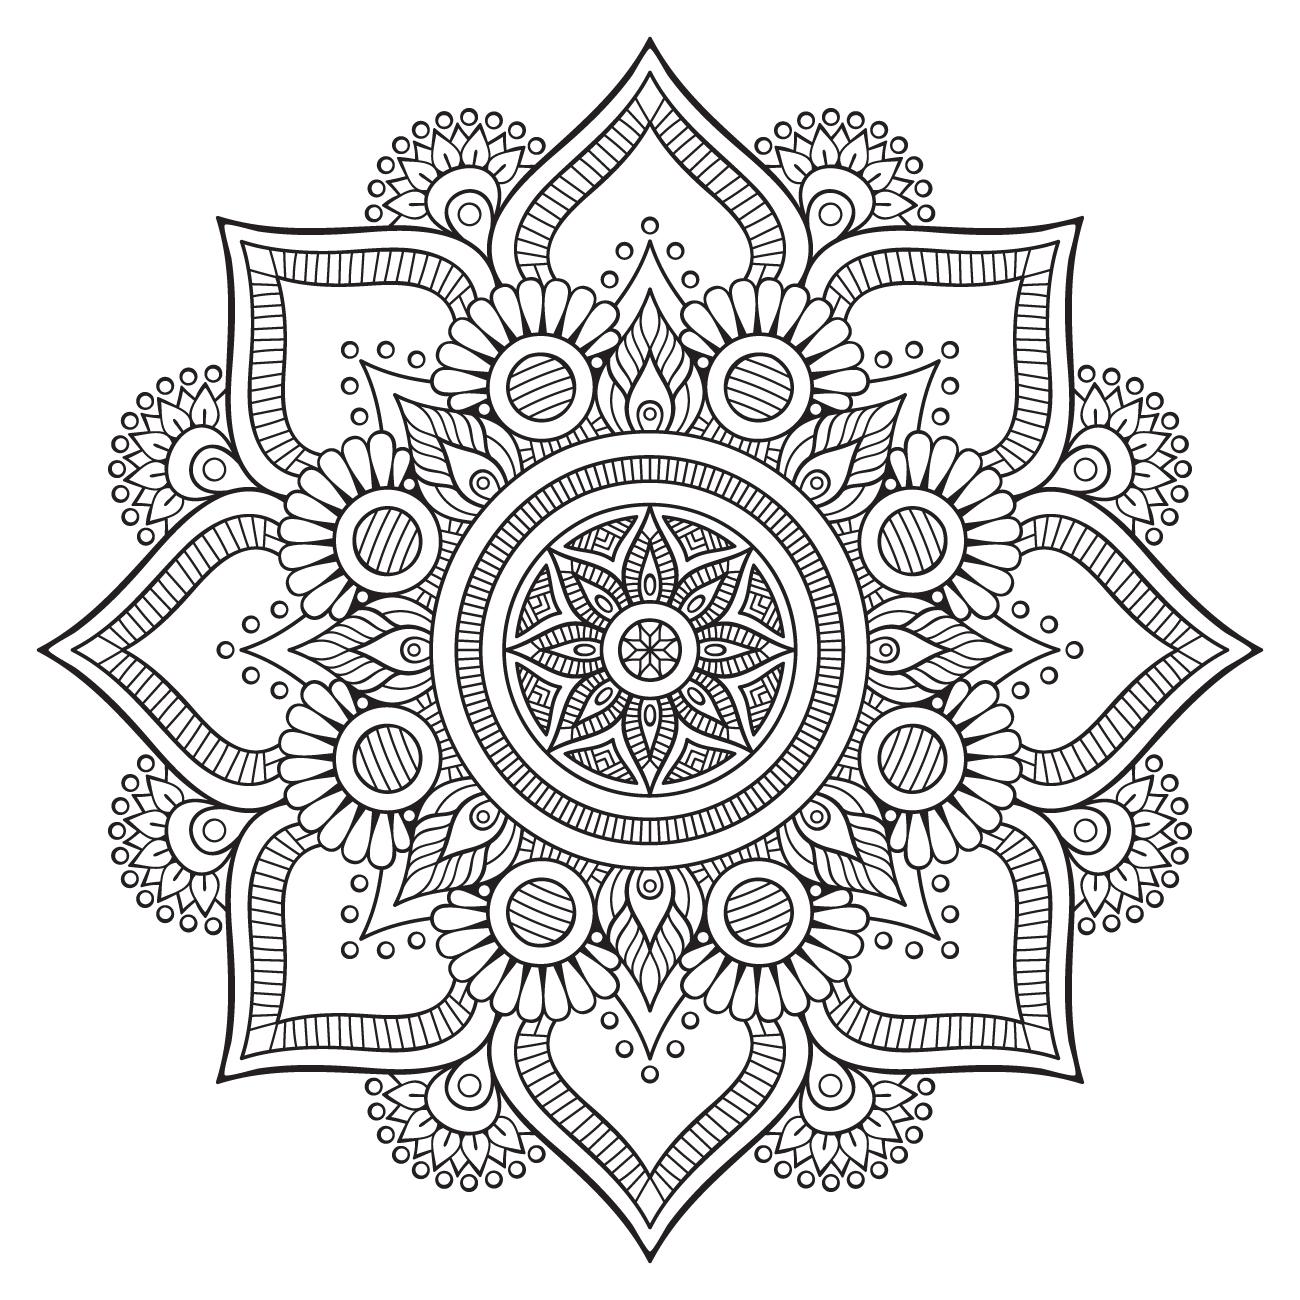 زخارف اسلامية اجمل الديكور بالزخارف الدينية احبك موت